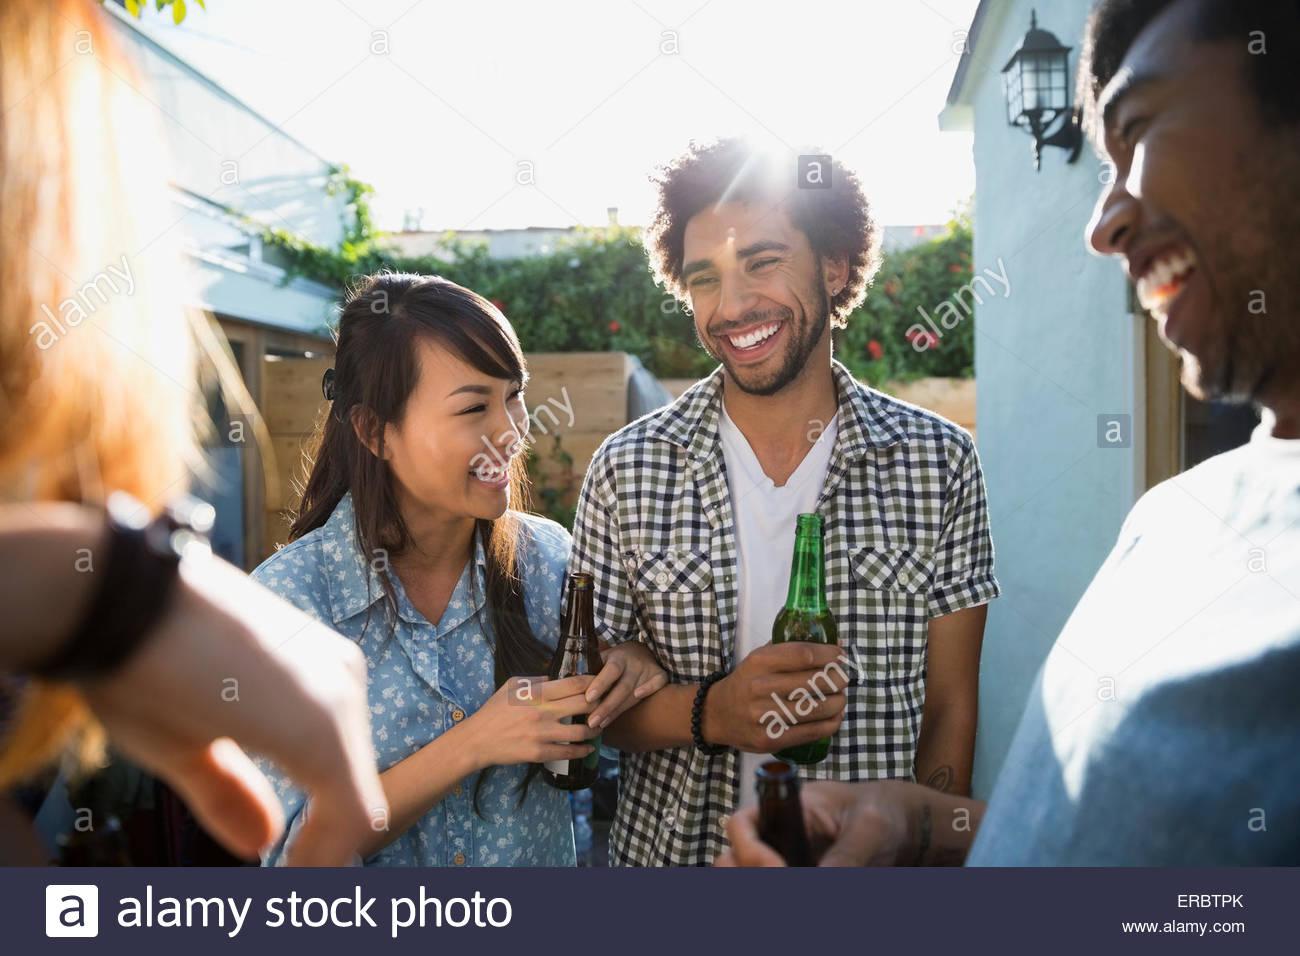 Lachenden Freunde trinken Bier auf der sonnigen Terrasse Stockbild